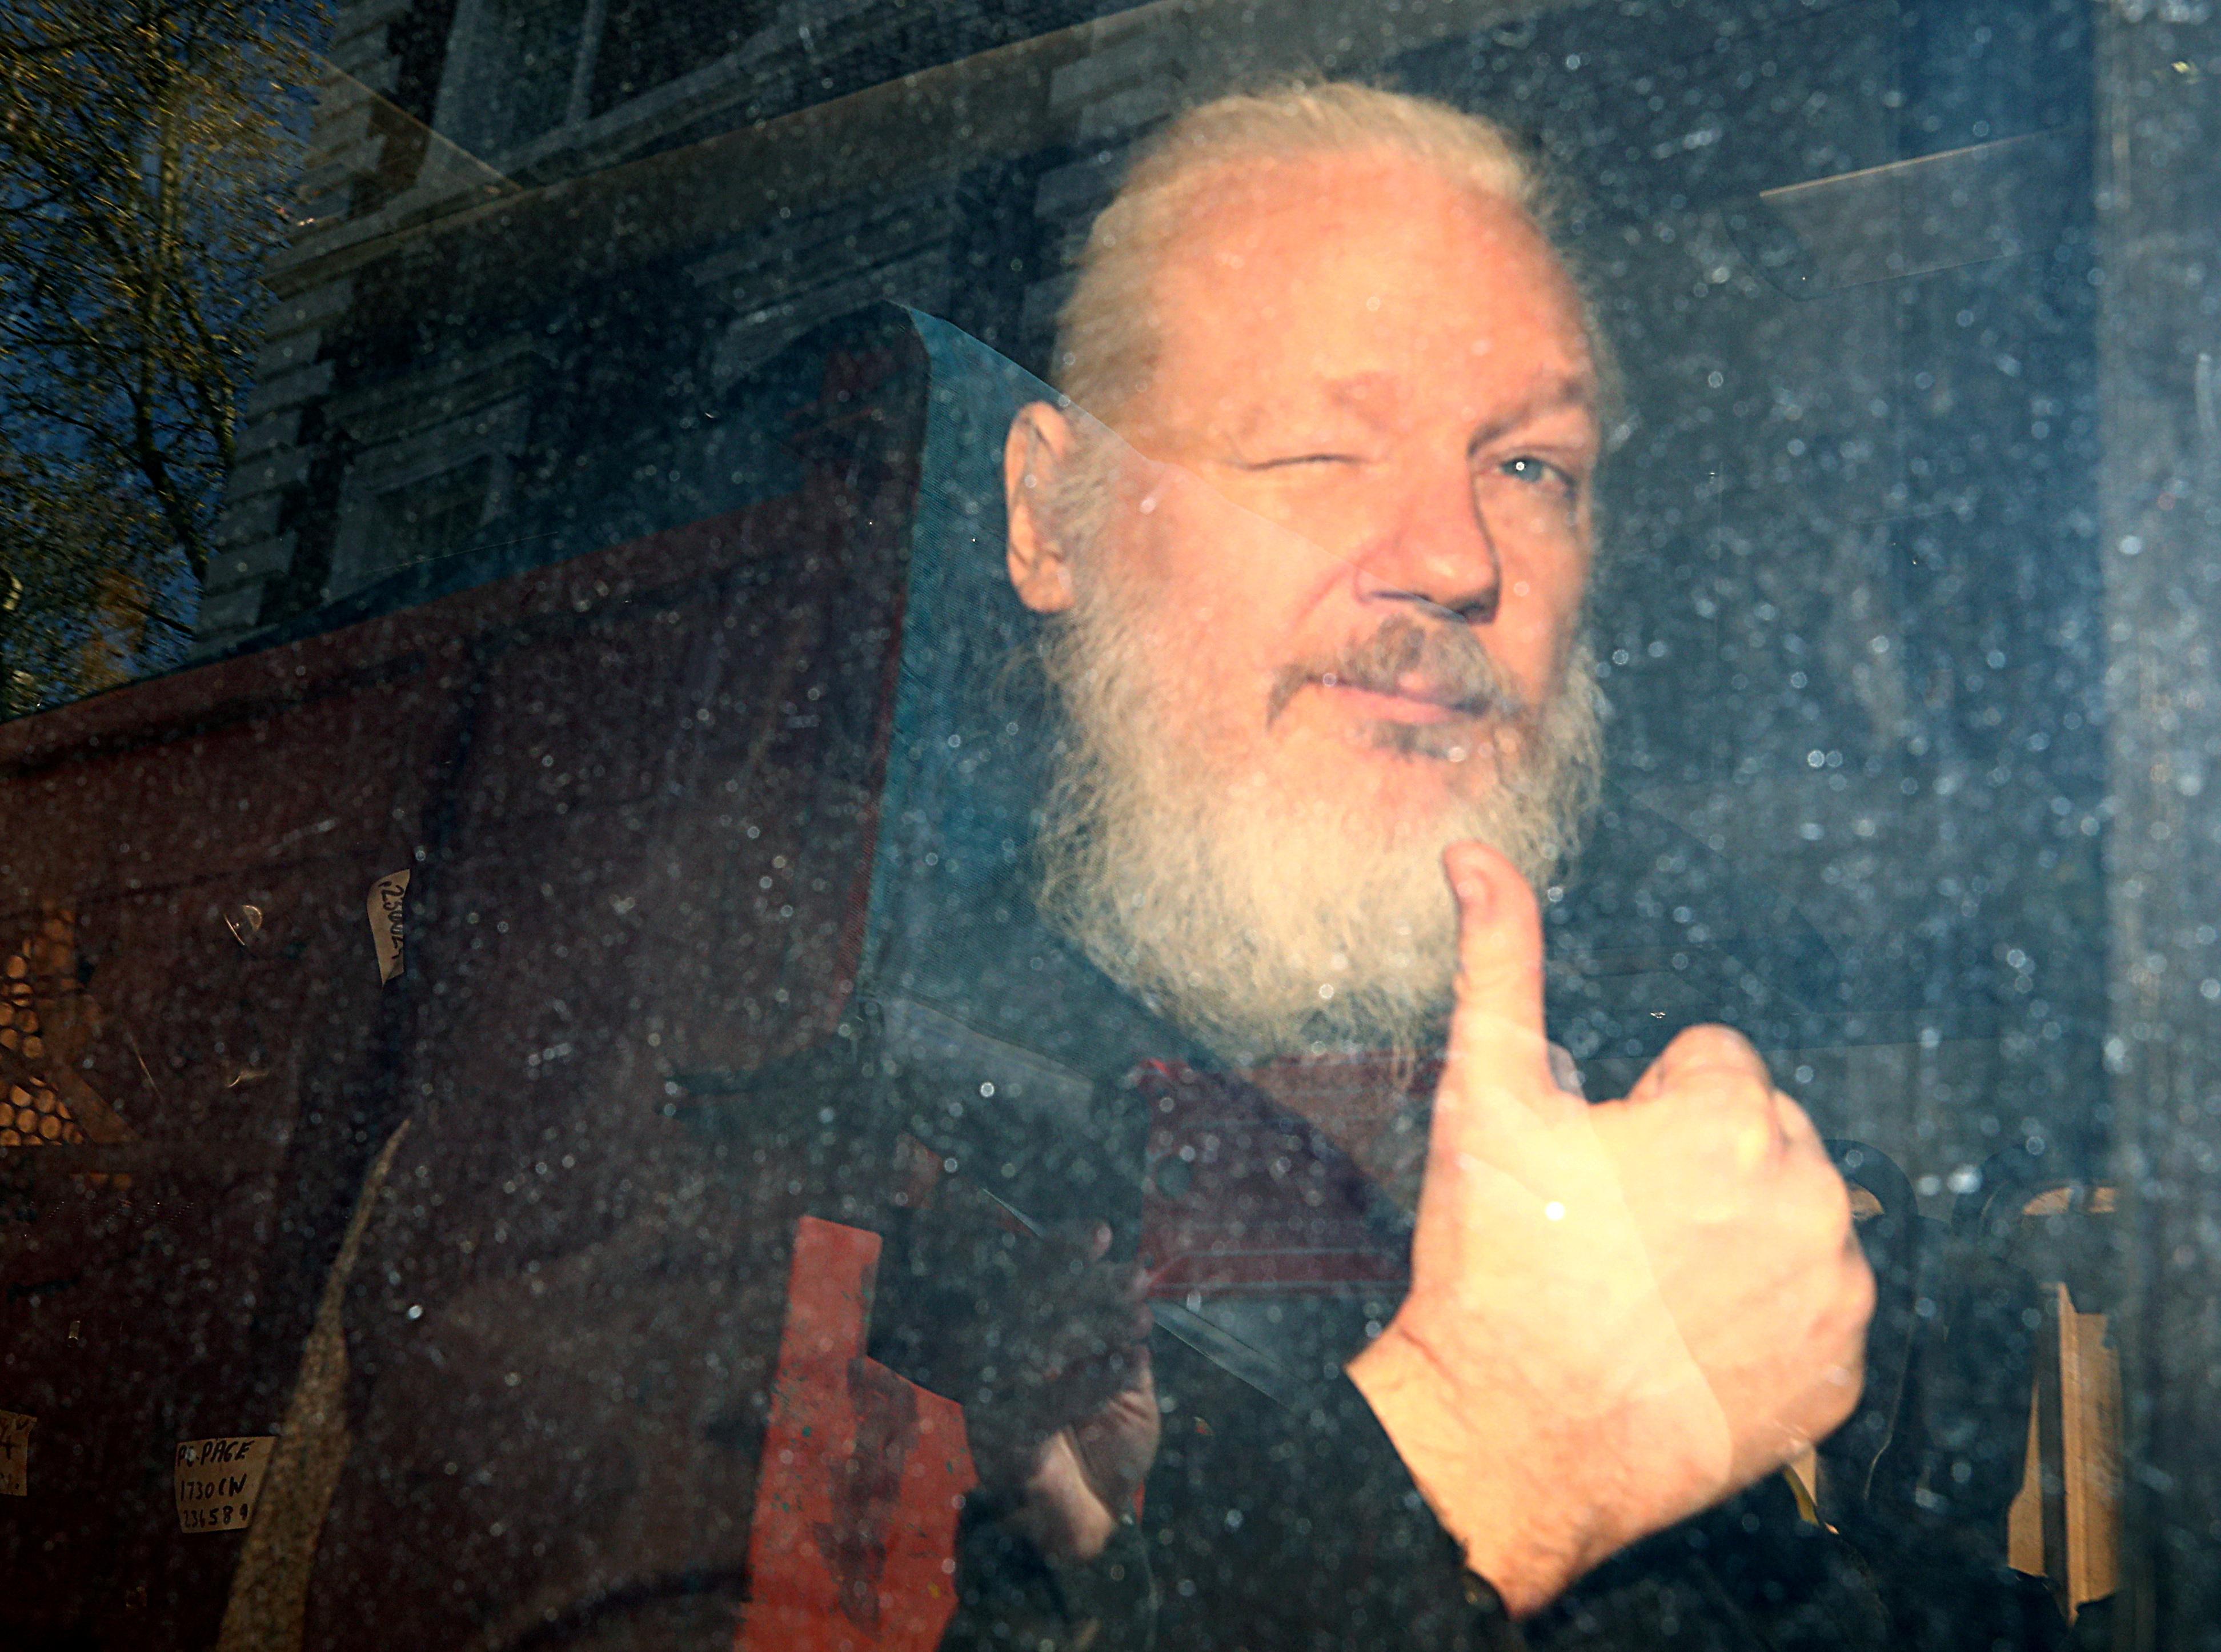 El fundador de WikiLeaks, Julian Assange, llega a la Corte de Westminster, después de haber sido arrestado en Londres el 11 de abril de 2019 (REUTERS/Hannah McKay)